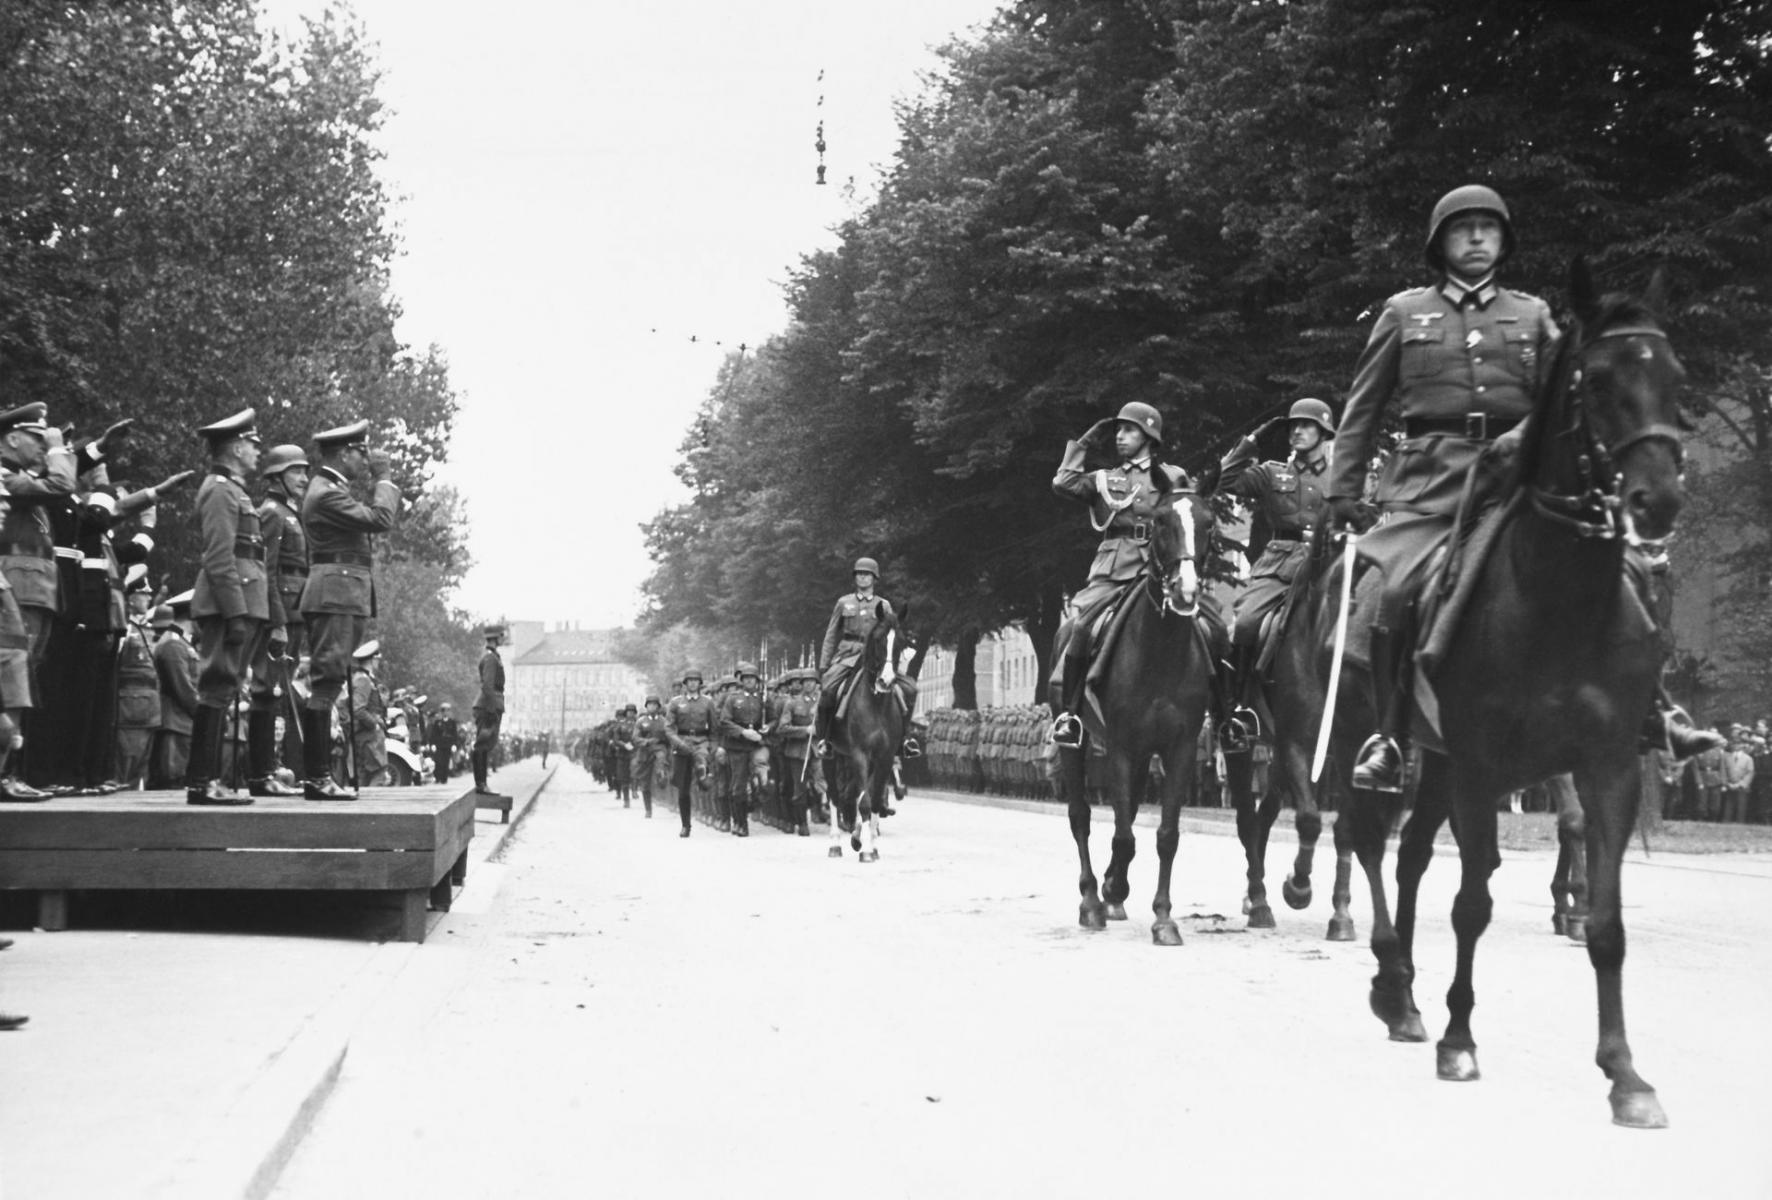 デンマーク占領 ナチスドイツ